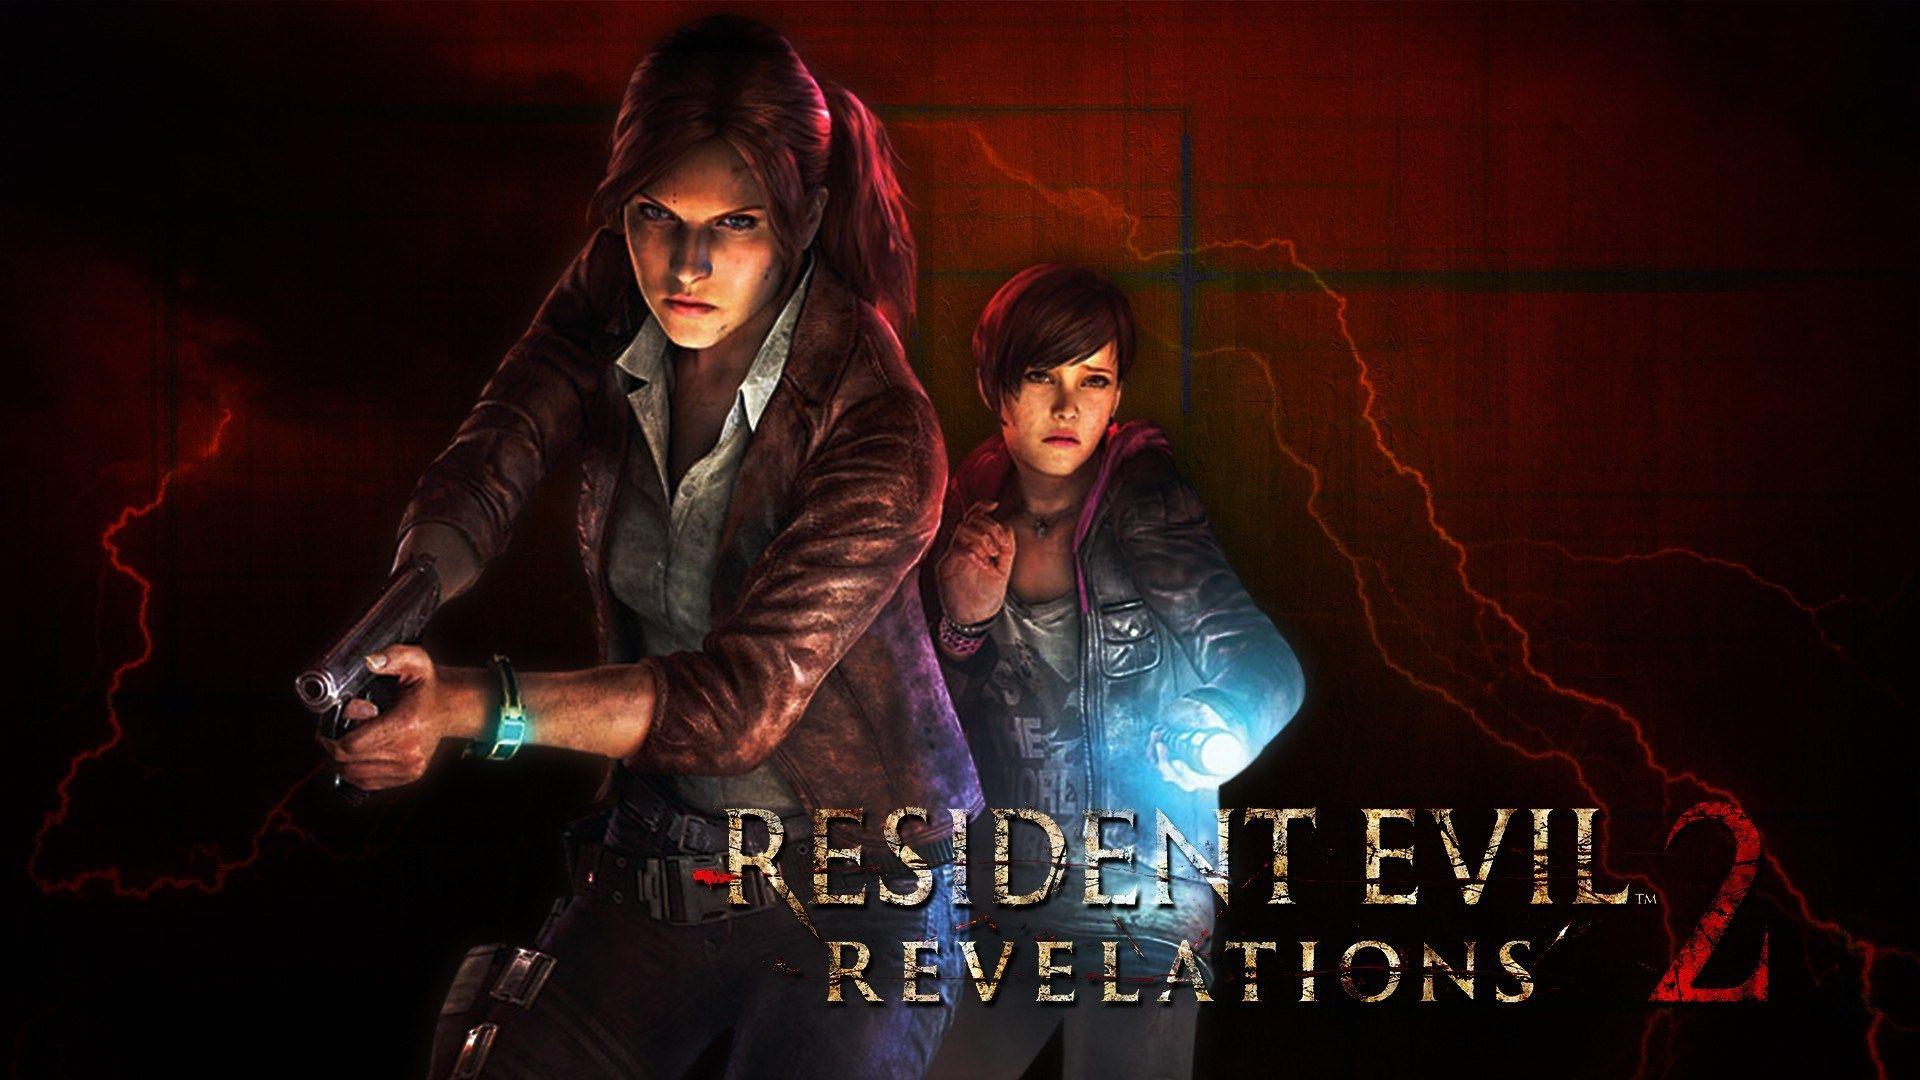 1920x1080 Resident Evil Revelations 2 Game Wallpaper